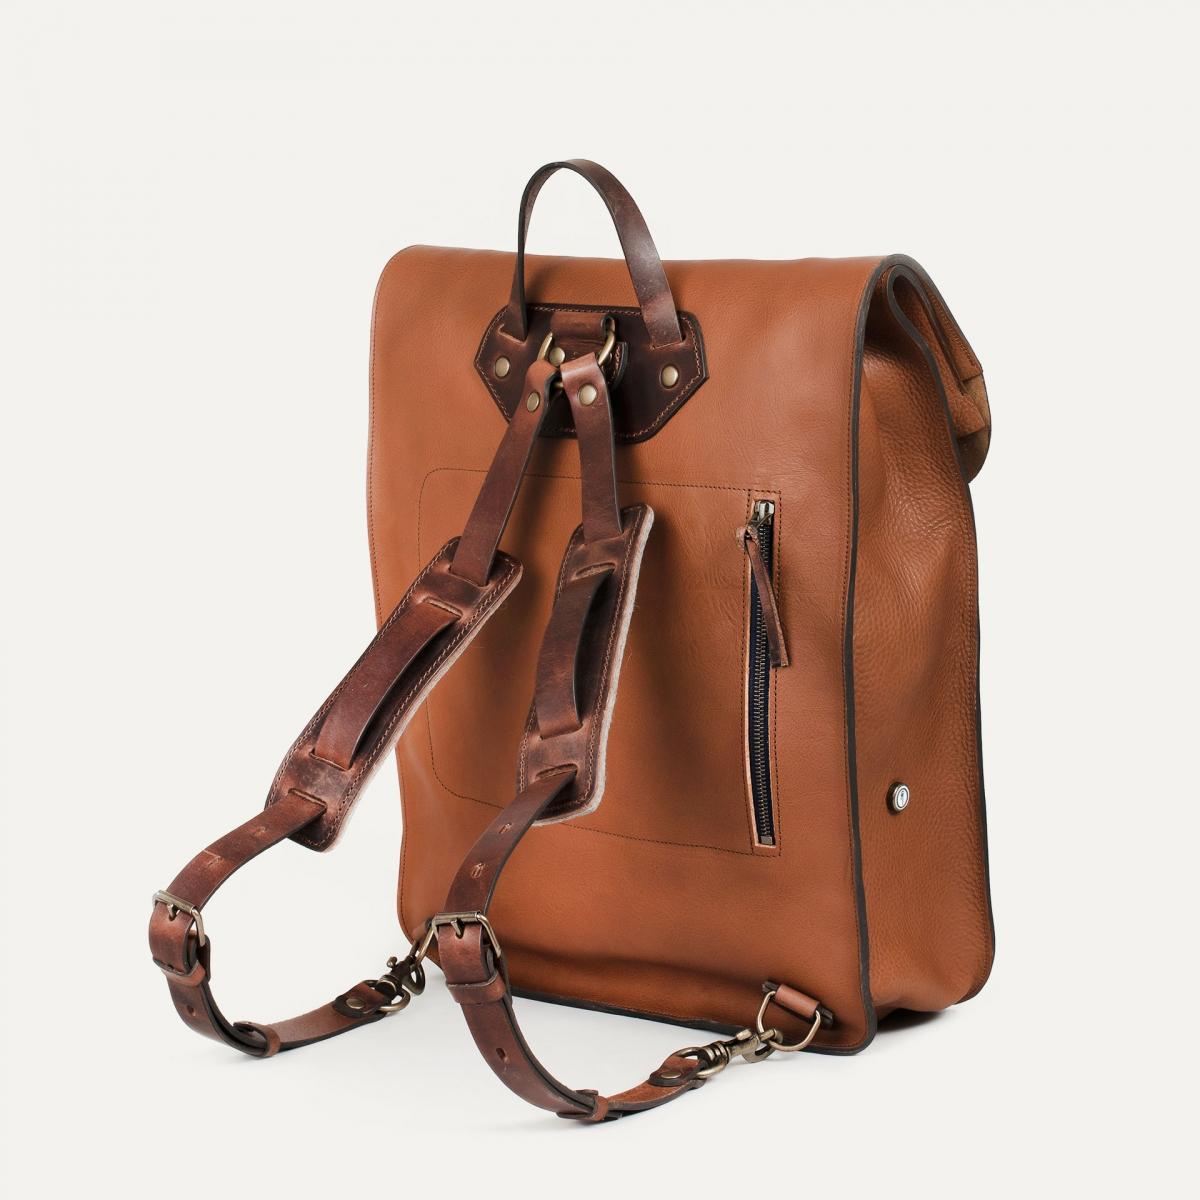 Arlo leather backpack - Cuba Libre / E Pure (image n°3)